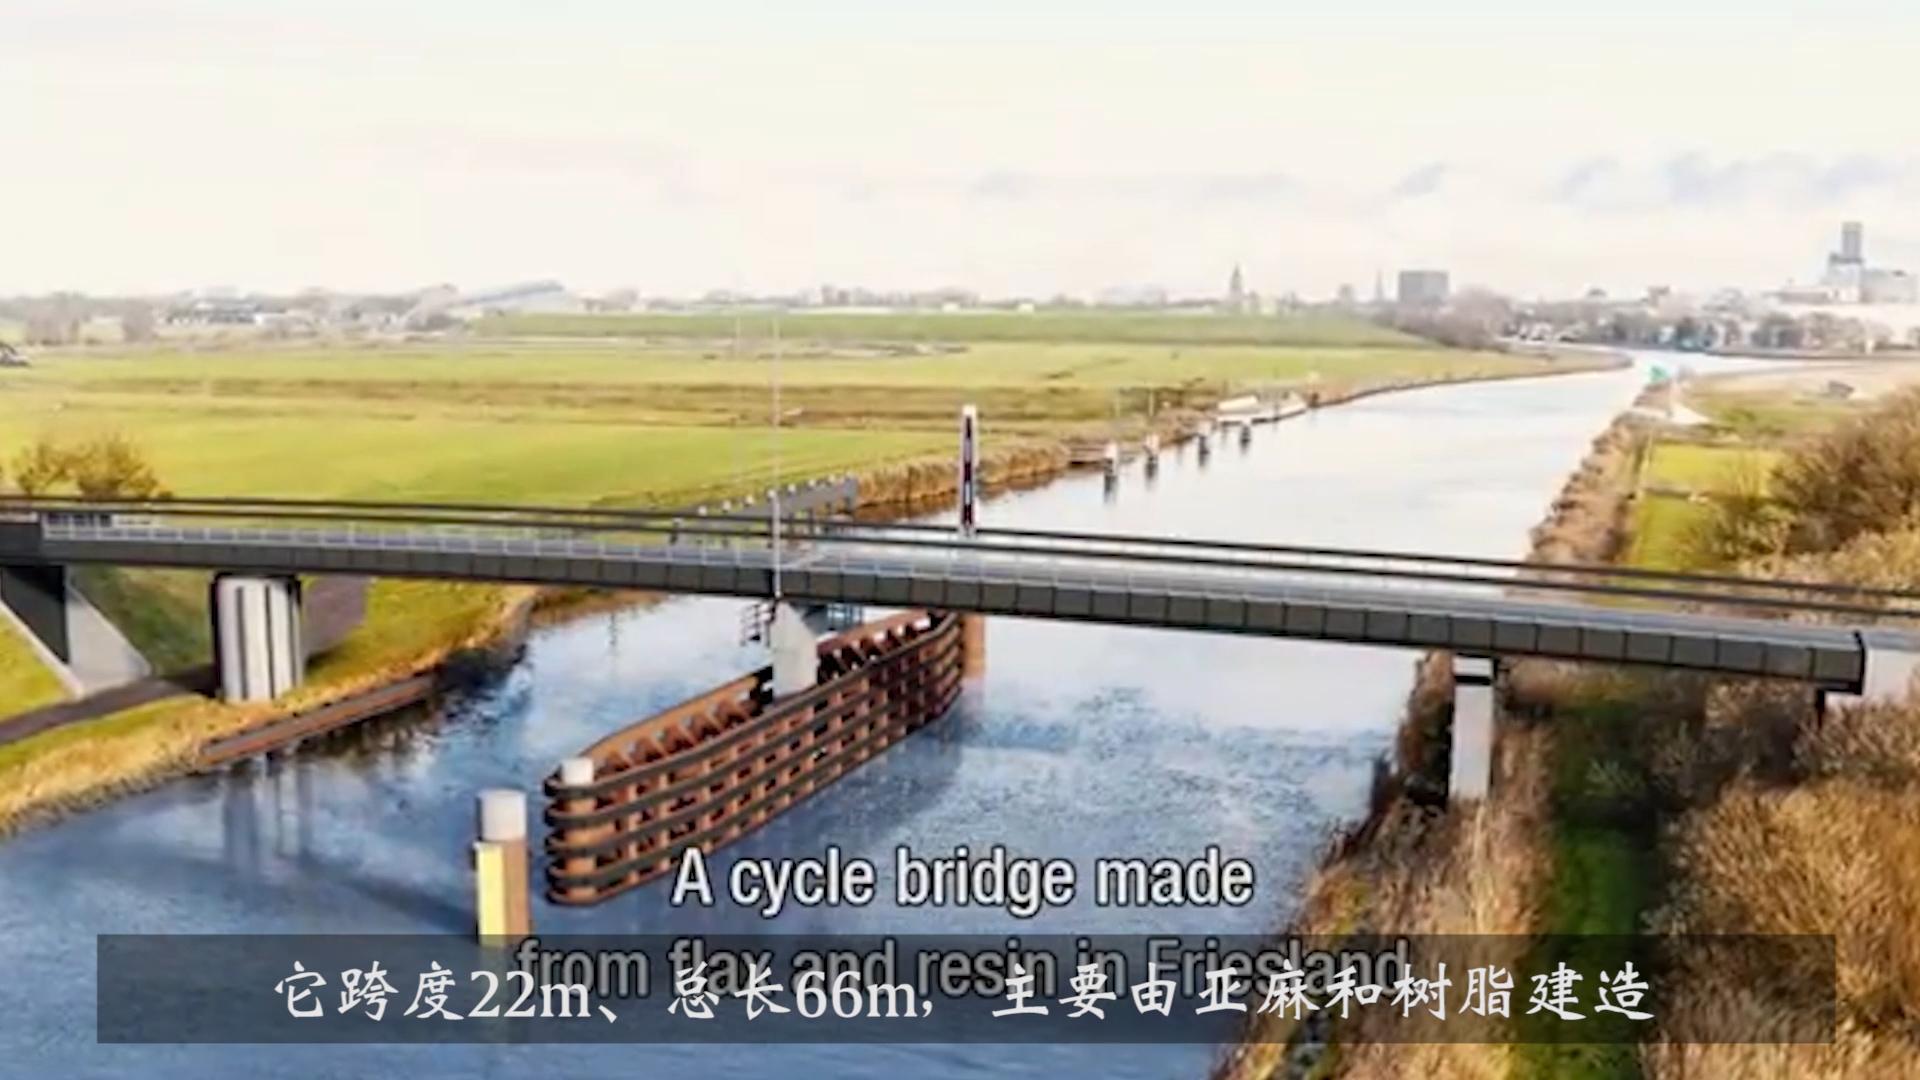 【弗戈工业趣闻】百年后即降解的生物复合材料桥